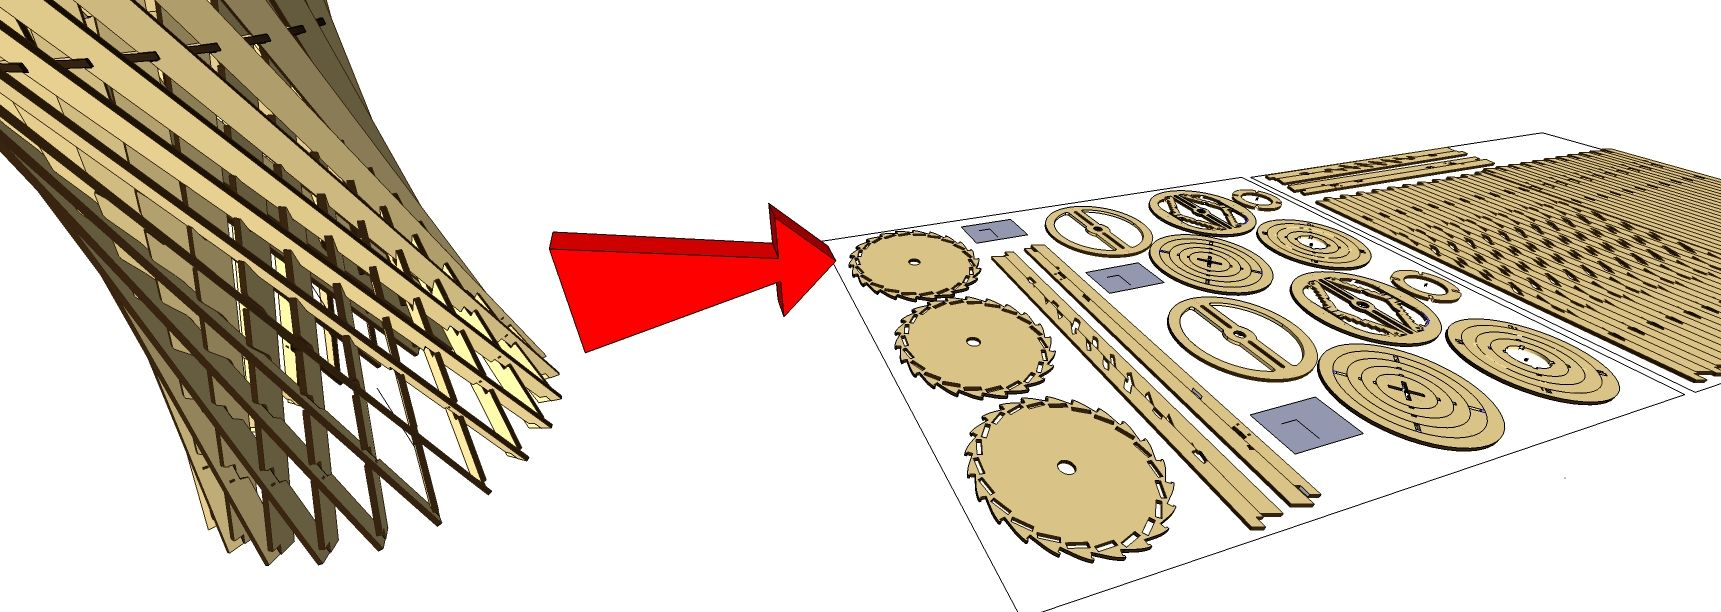 corte laser logo - Buscar con Google